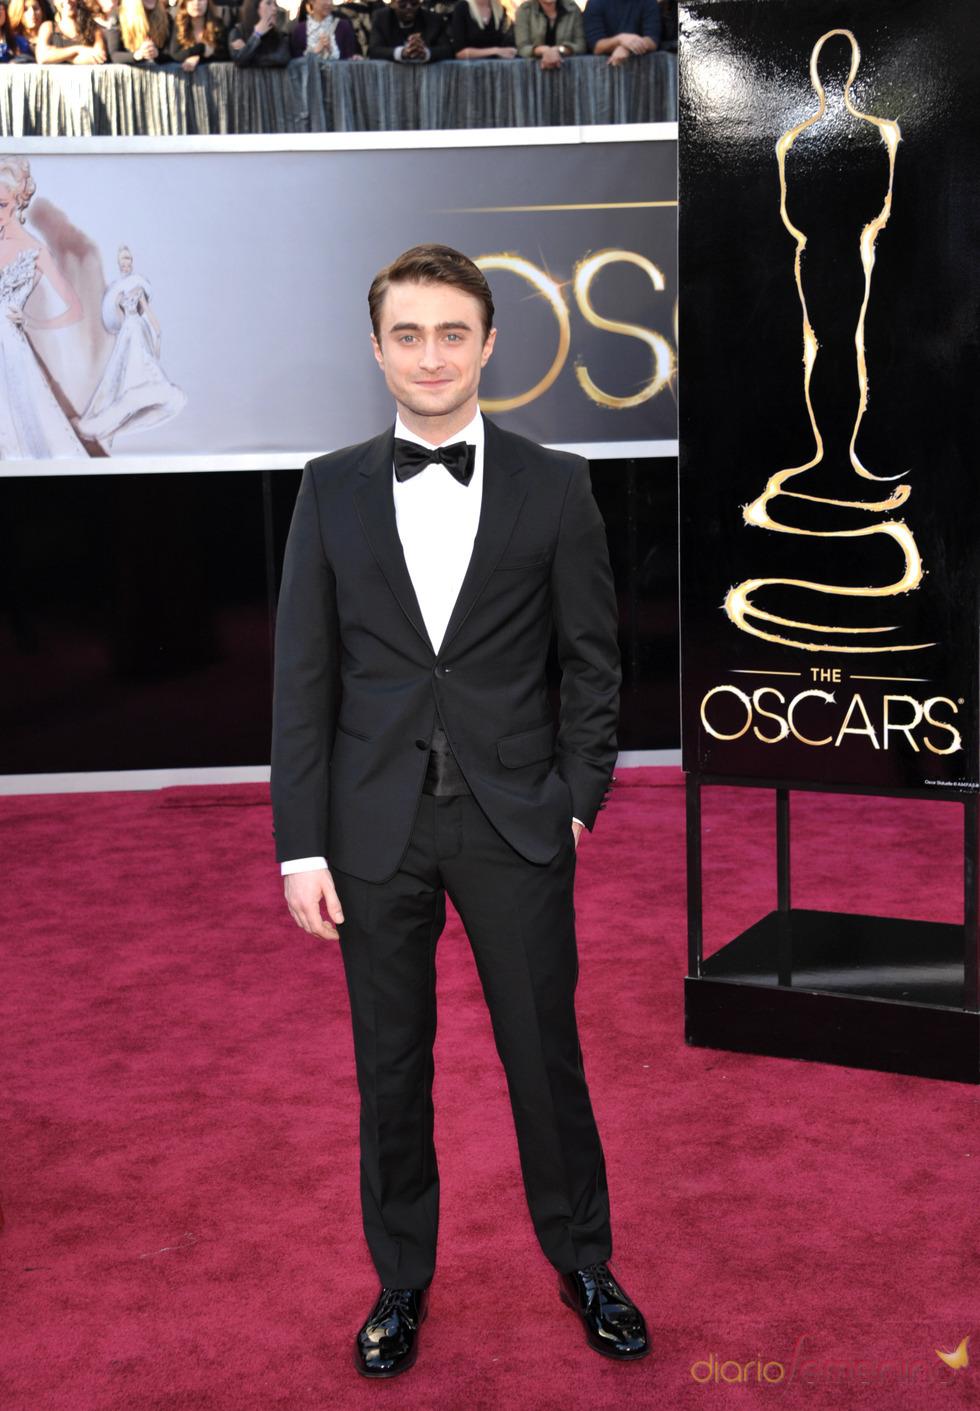 Daniel Radcliffe en la alfombra roja de los Oscars 2013